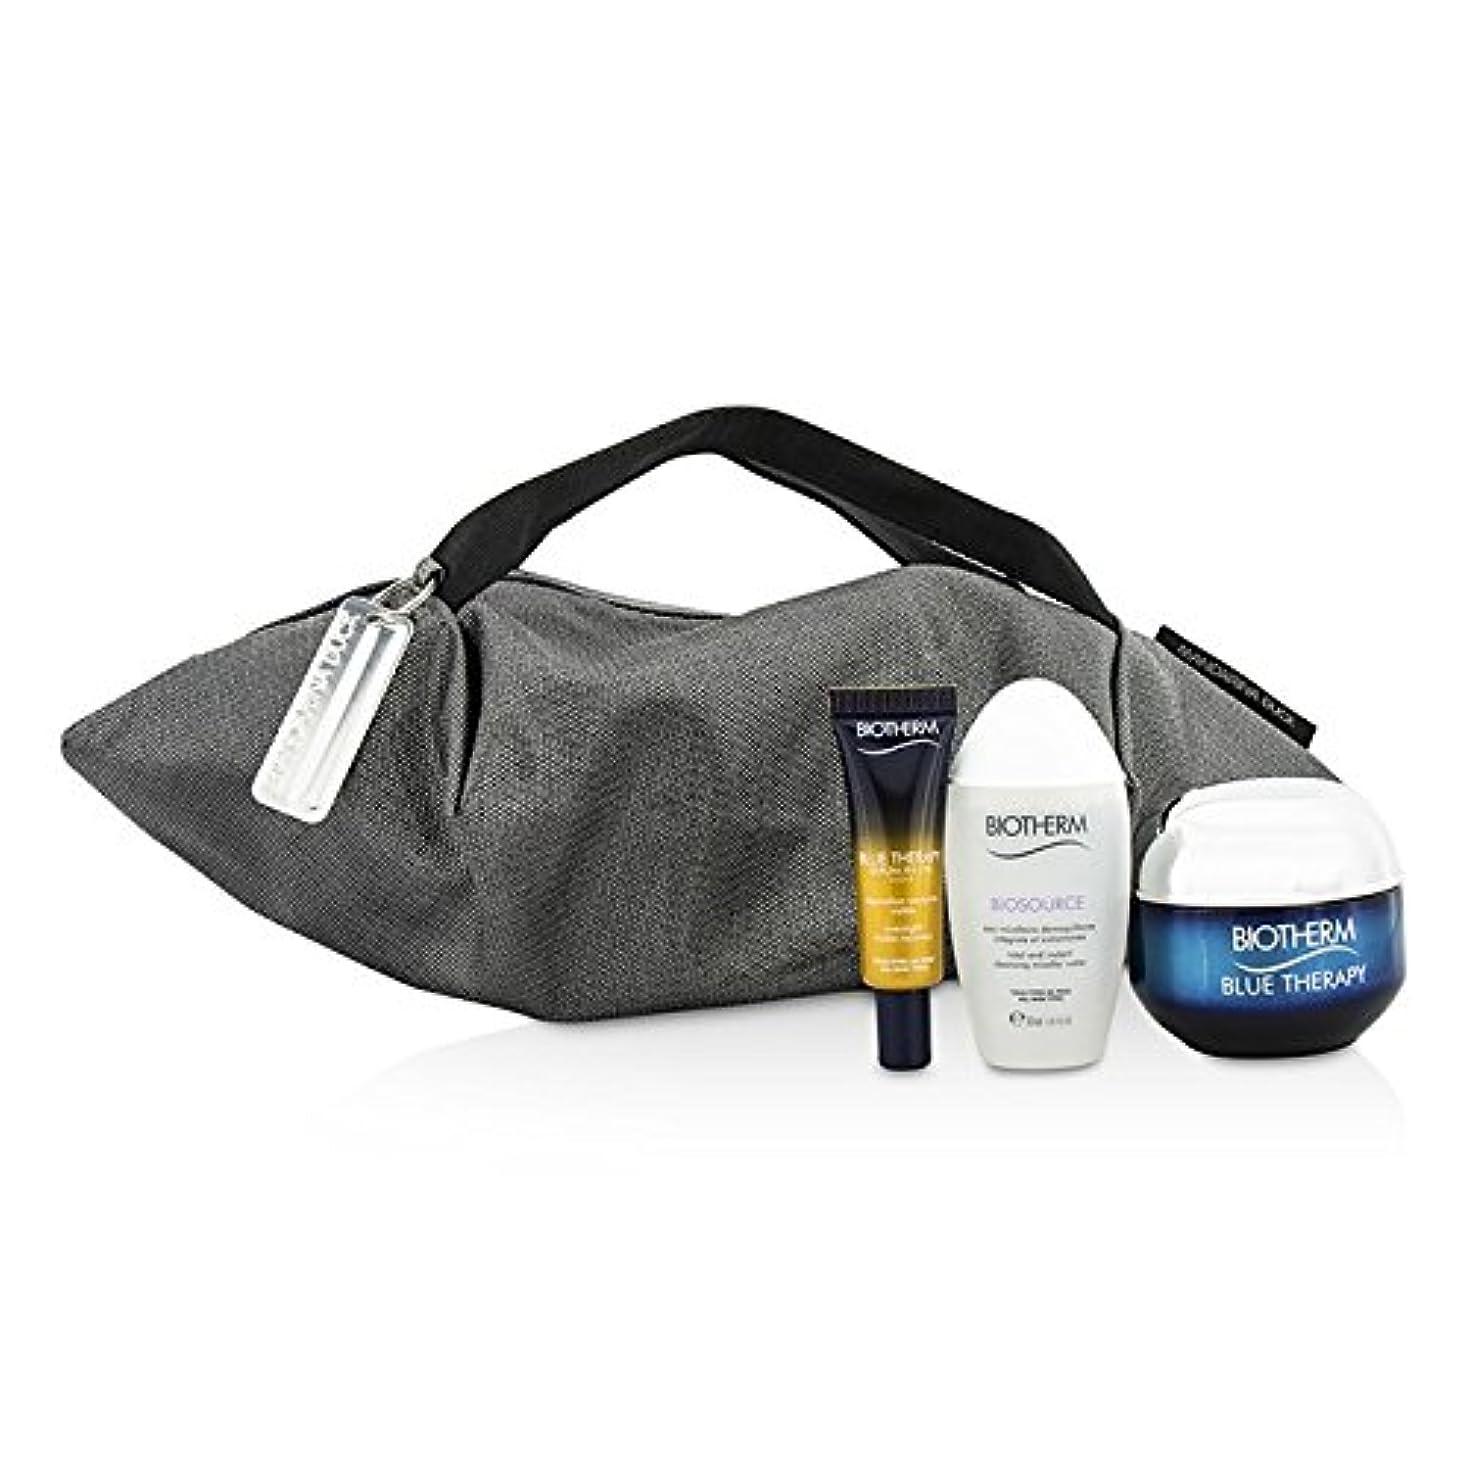 脅かすサスティーン罰するビオテルム Blue Therapy X Mandarina Duck Coffret: Cream SPF15 N/C 50ml + Serum-In-Oil 10ml + Cleansing Water 30ml + Handle Bag 3pcs+1bag並行輸入品